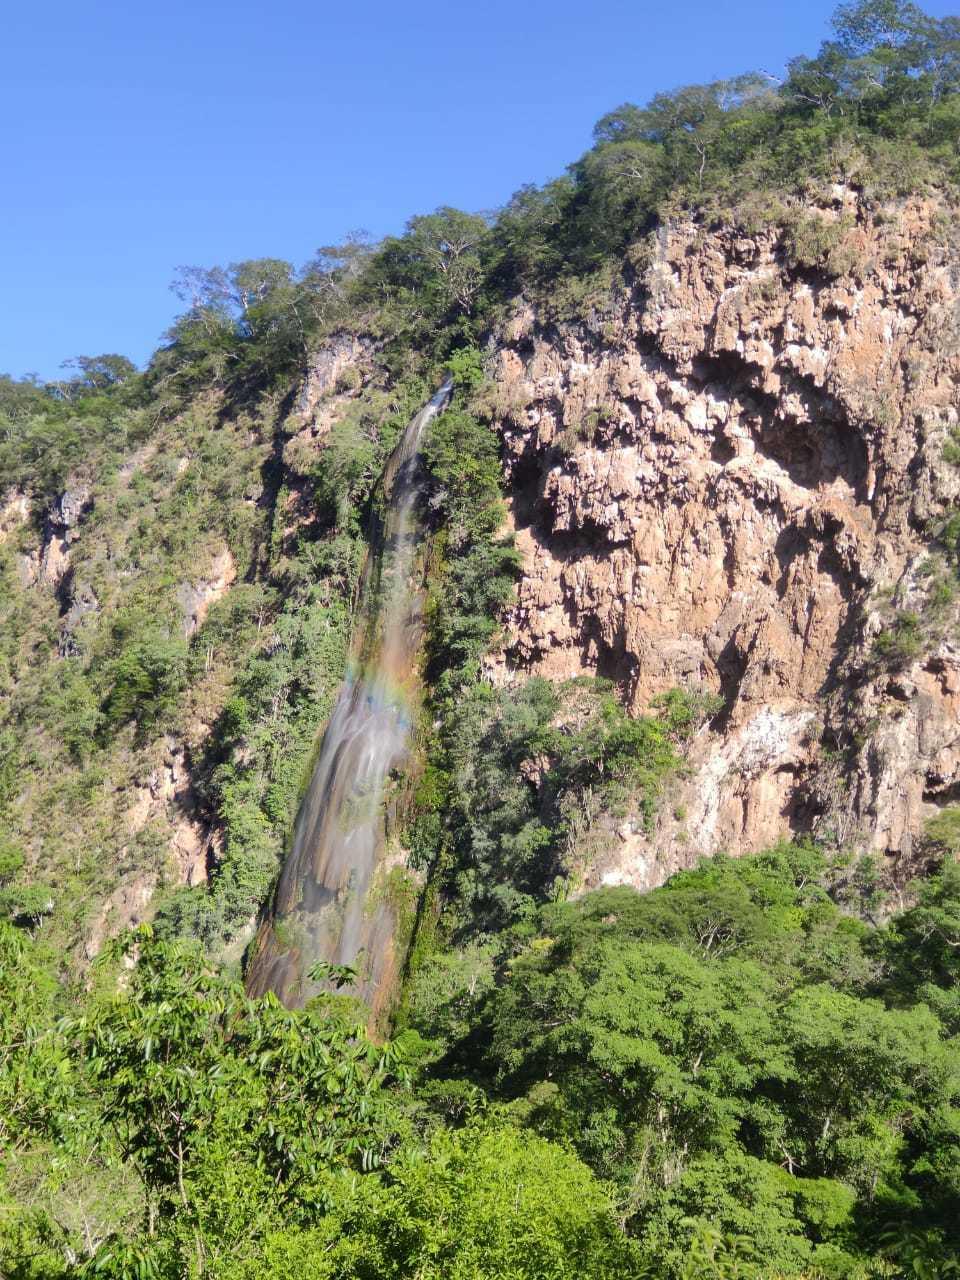 Vista da Cachoreira Boca da Onça, na RRPN Cara da Onça, um dos principais atrativos turísticos de Bodoquena (Foto: Tainá Jara)